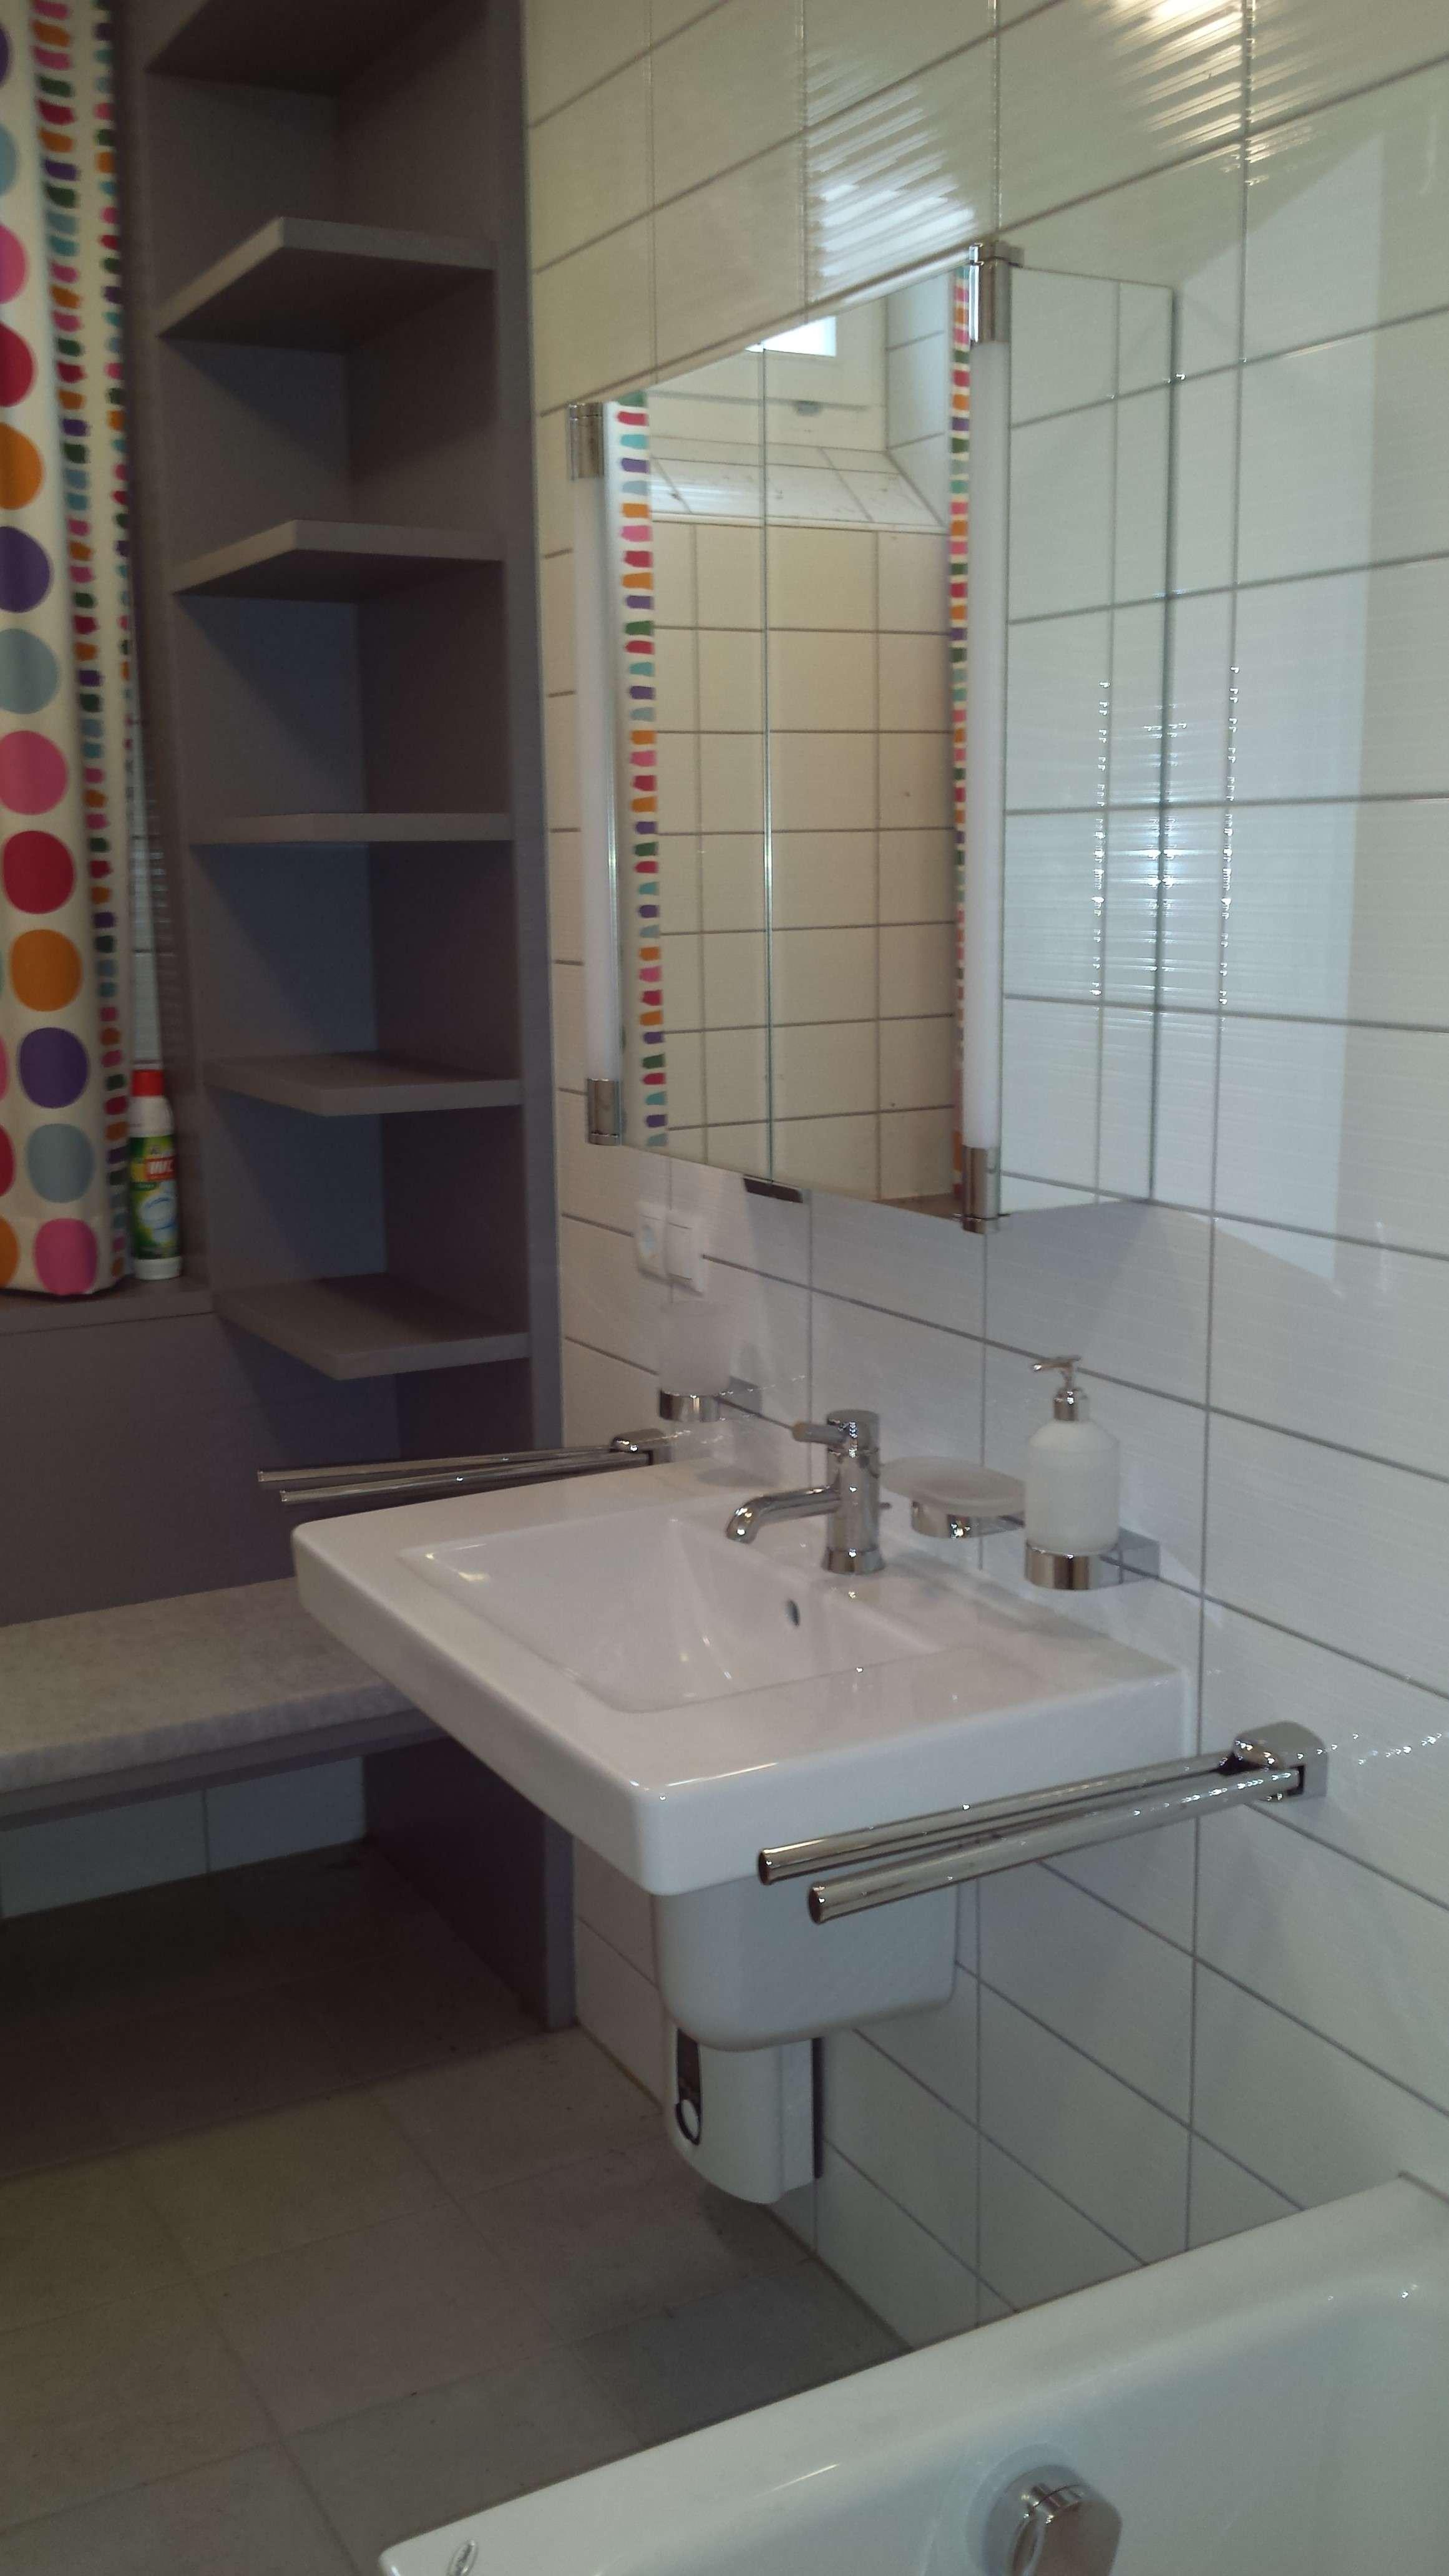 Sehr grosszügige Wohnung mit  sonniger Terasse  - 4 Zimmer in Mitte (Bamberg)